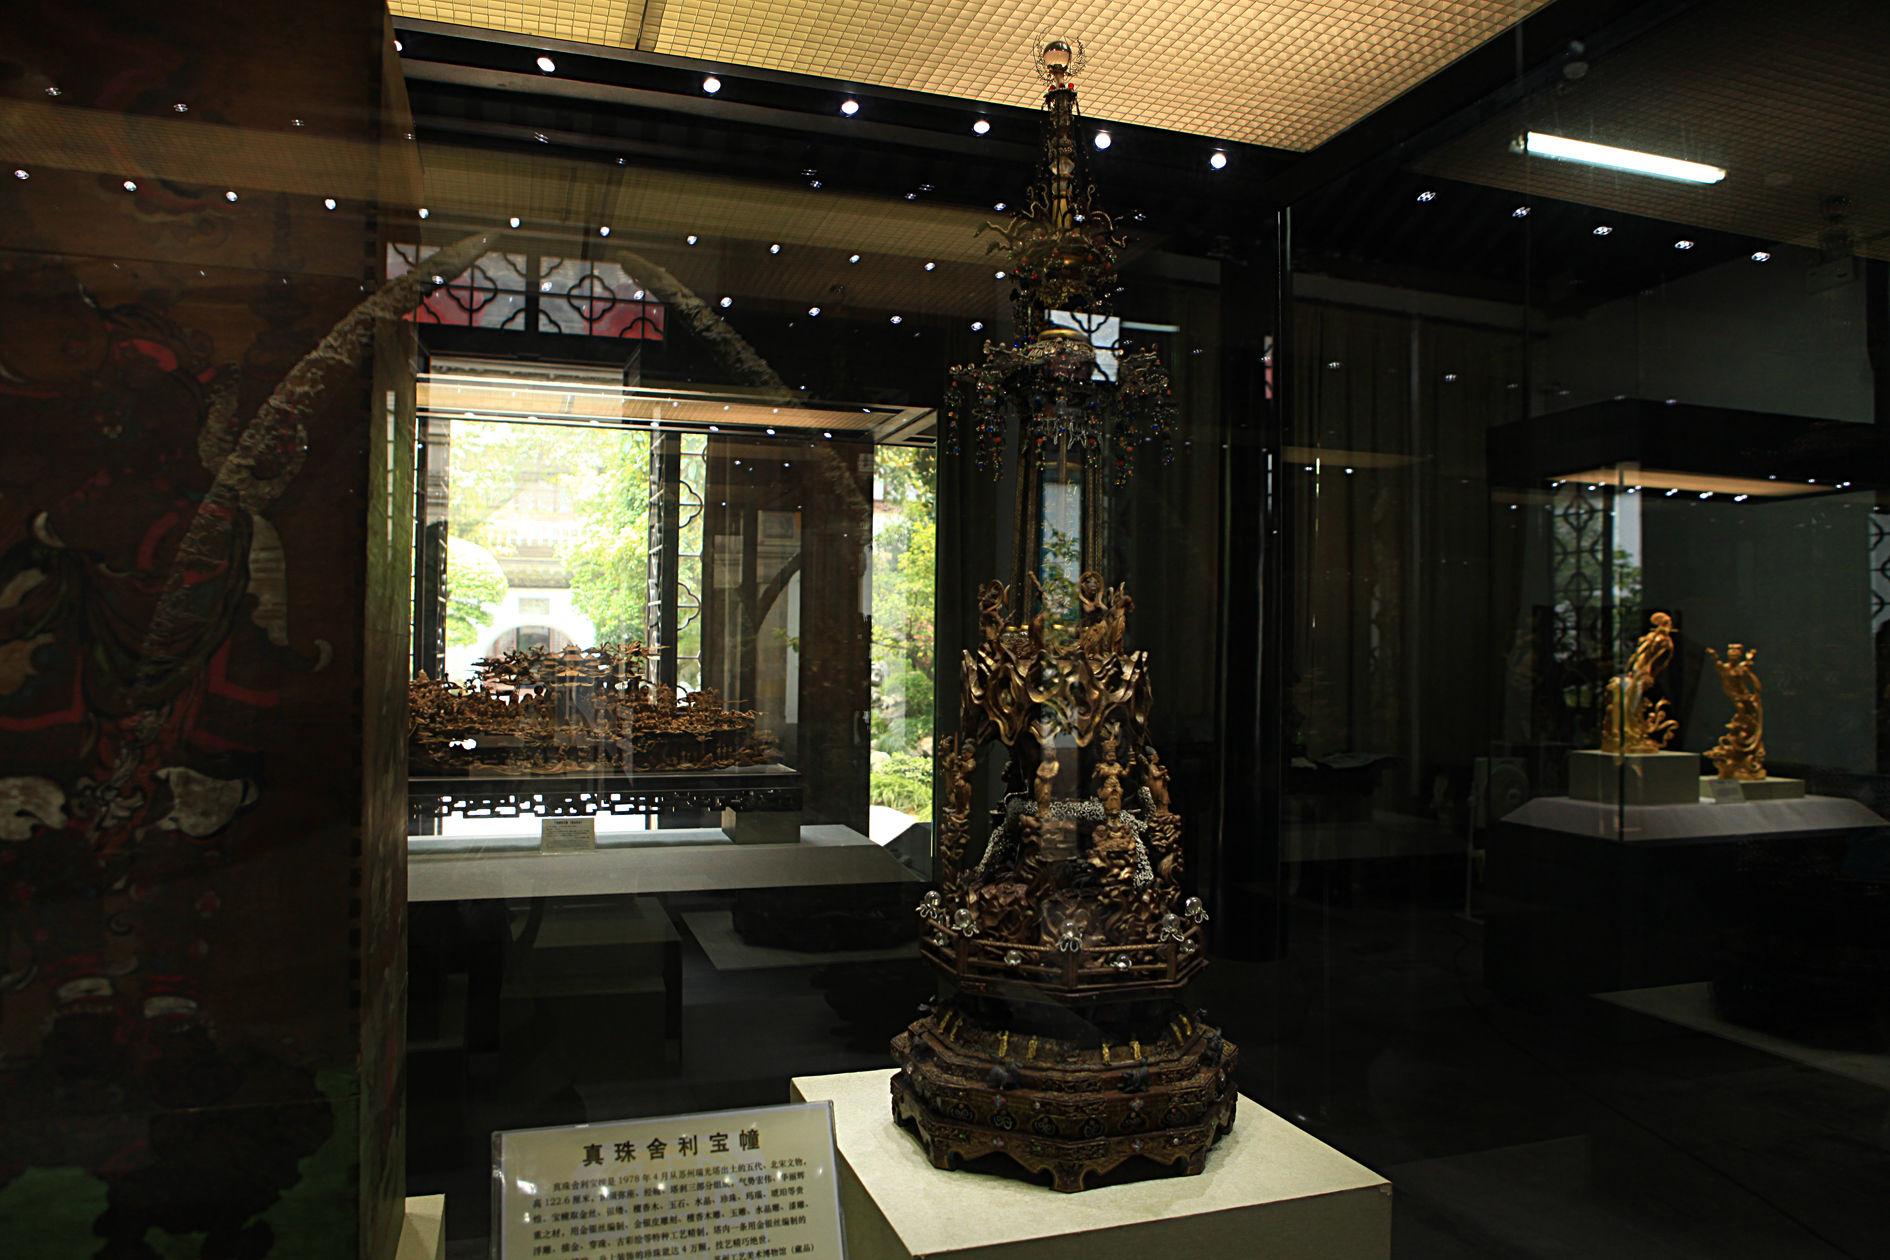 苏州工艺美术博物馆的门票信息图片